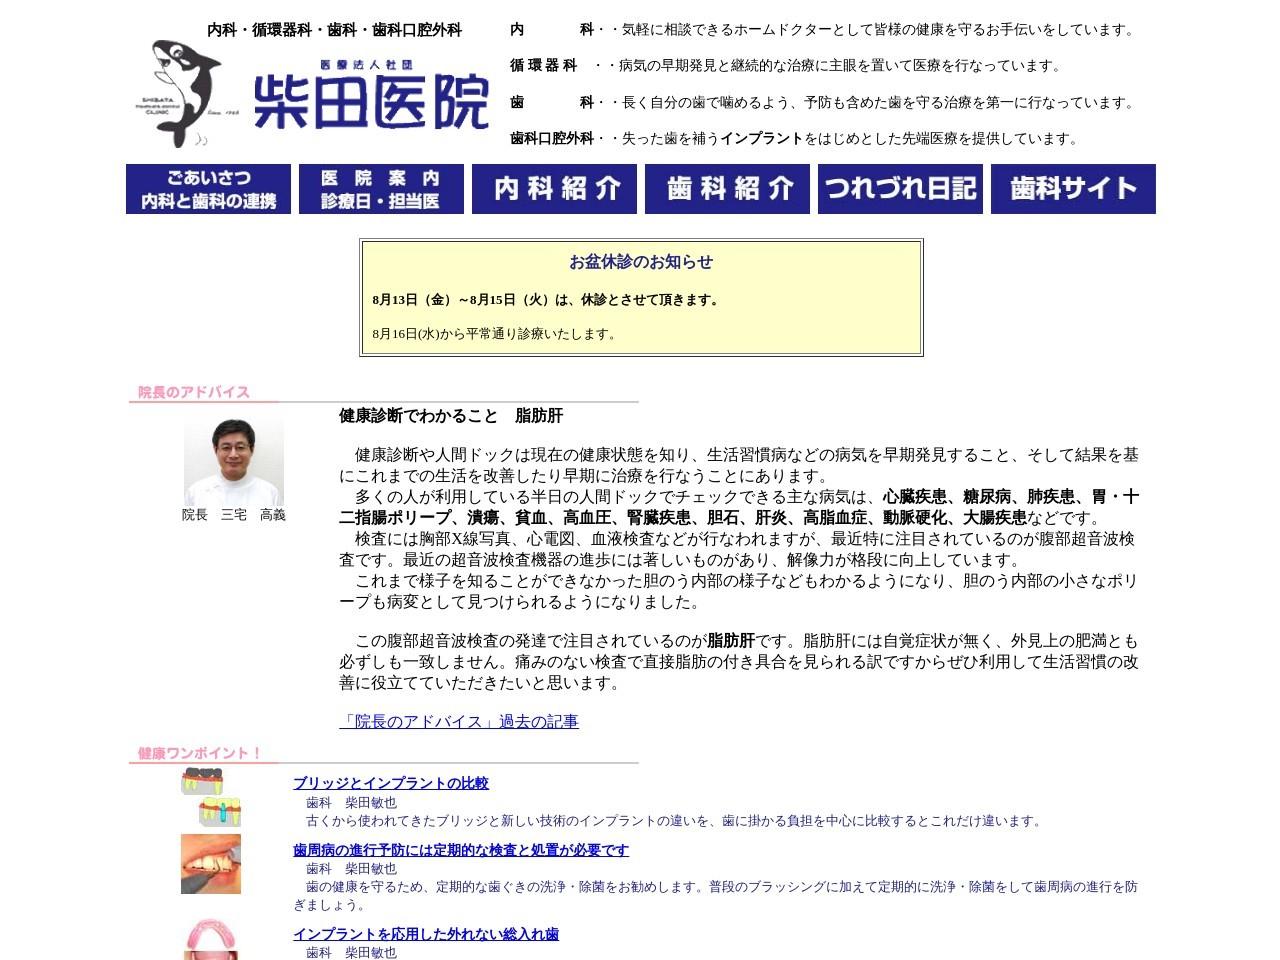 医療法人社団  柴田医院 (北海道旭川市)